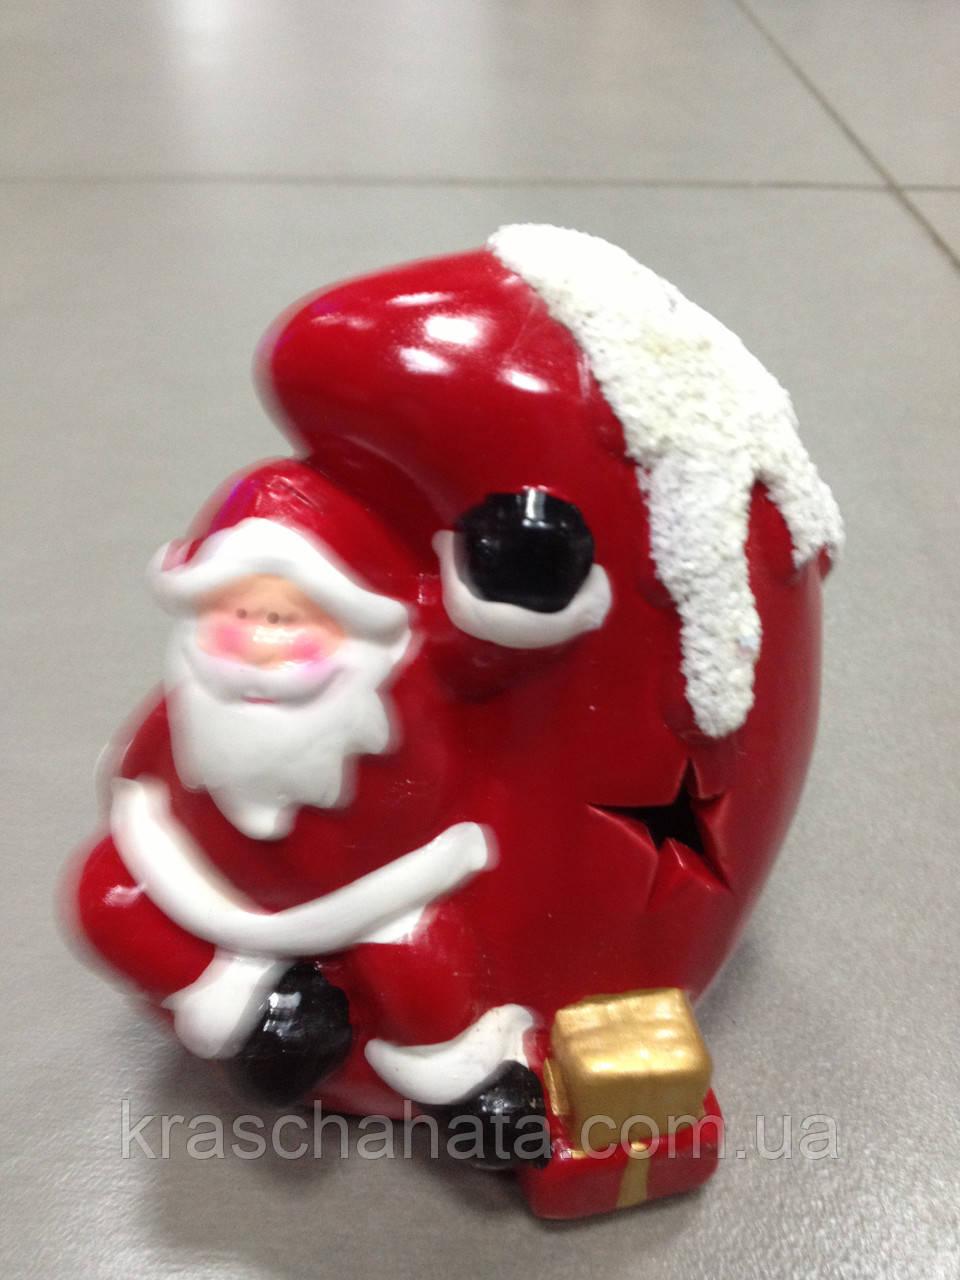 Дед Мороз на луне, сувенир новогодний,12Х8Х8 см, статуэтка, керамика, Днепропетровск